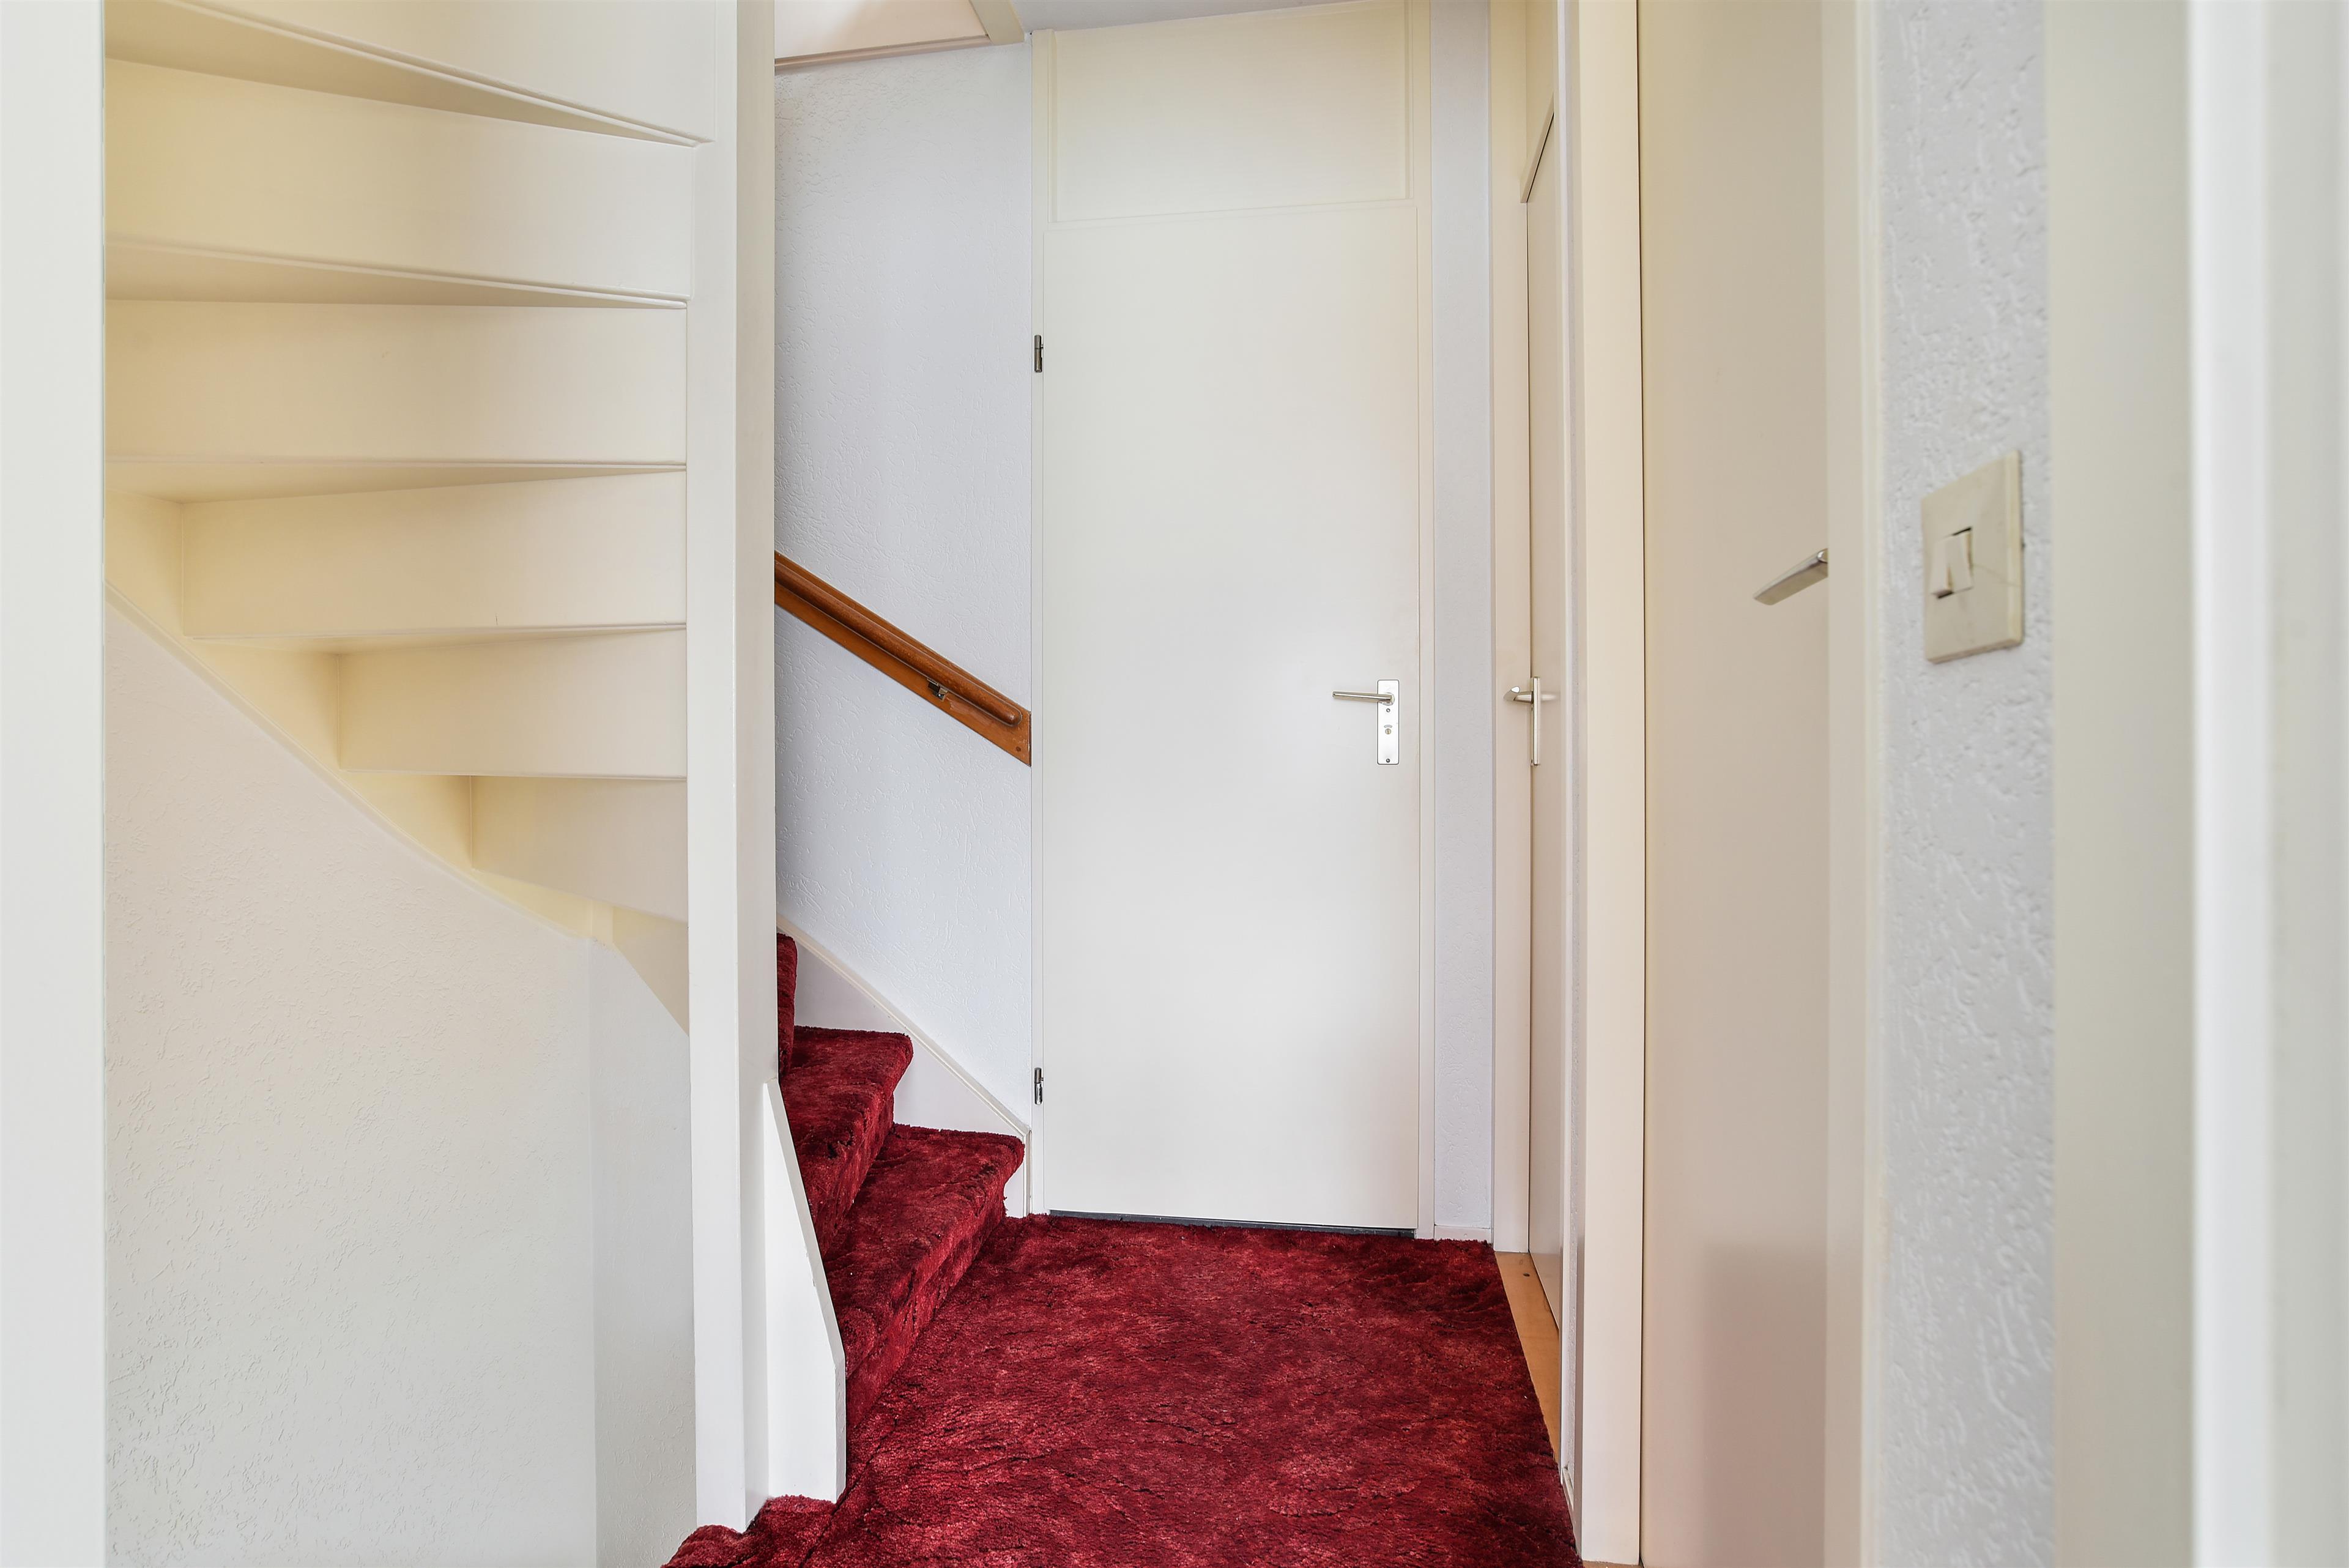 Rolgordijnen Slaapkamer 114 : Te koop landauerstraat purmerend hoekstra en van eck